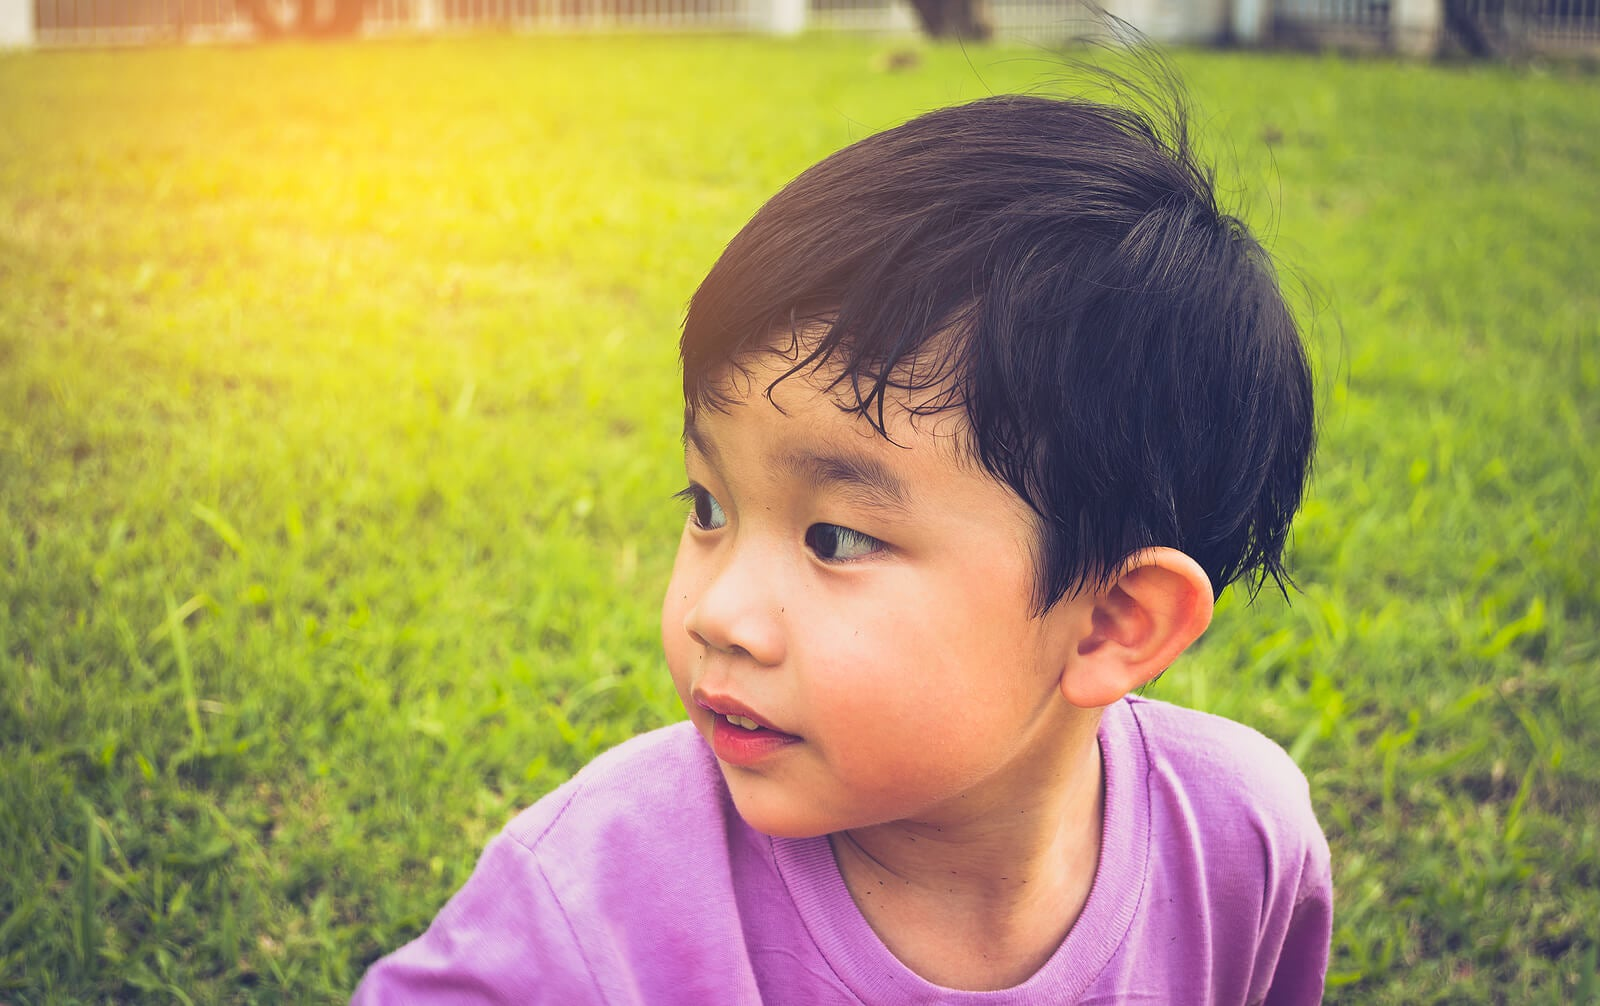 Niño con sudor en la frente porque padece hiperhidrosis infantil.